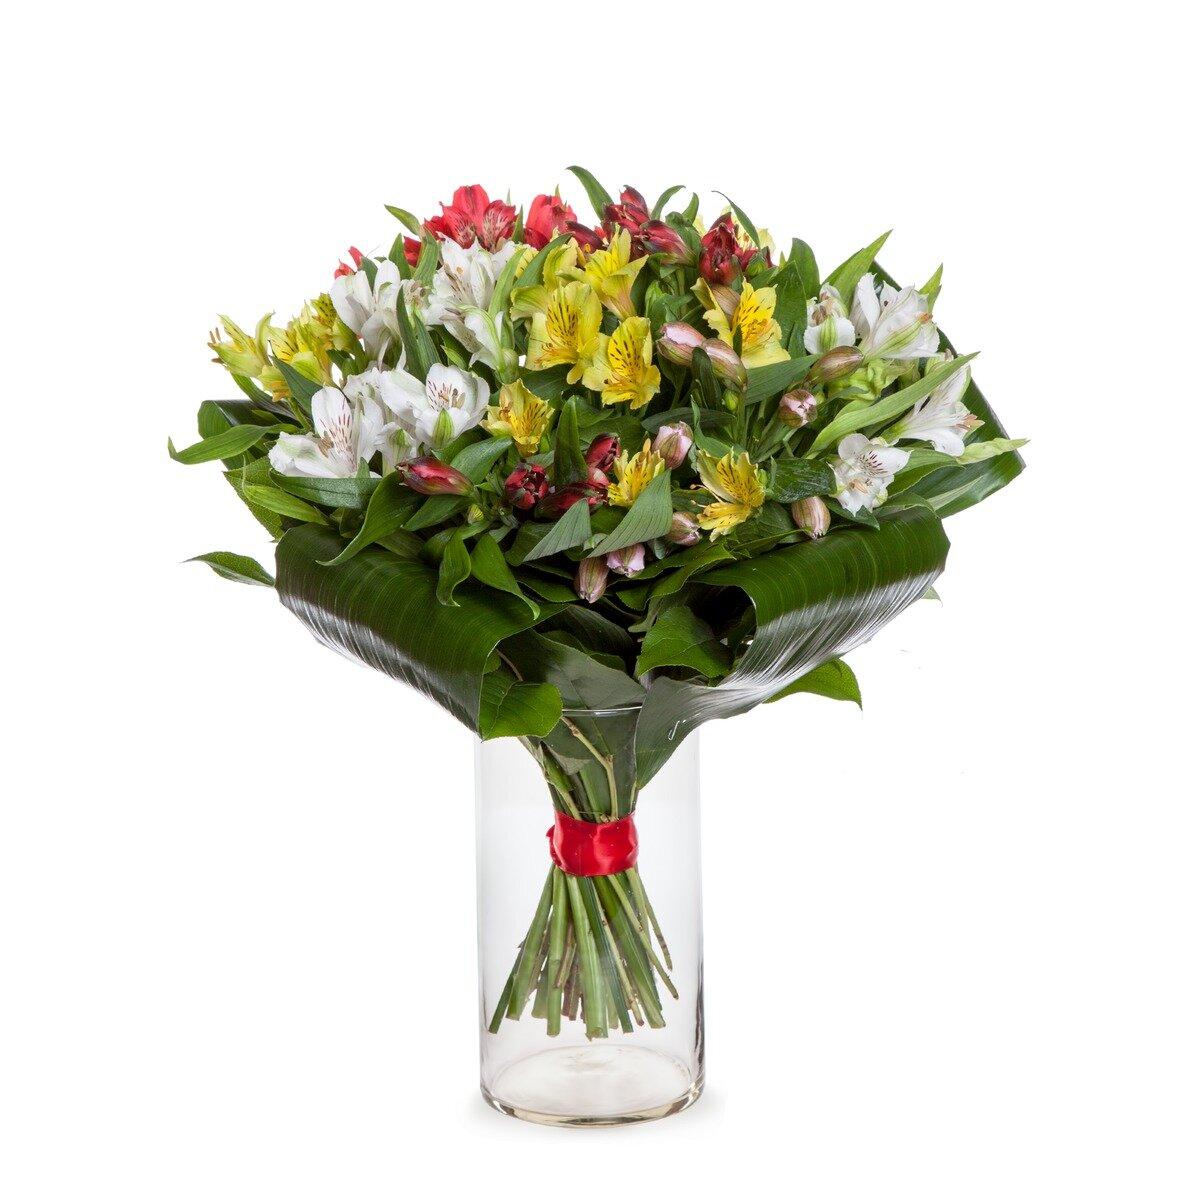 Магазинов цветов, цветы для букета названия по алфавиту